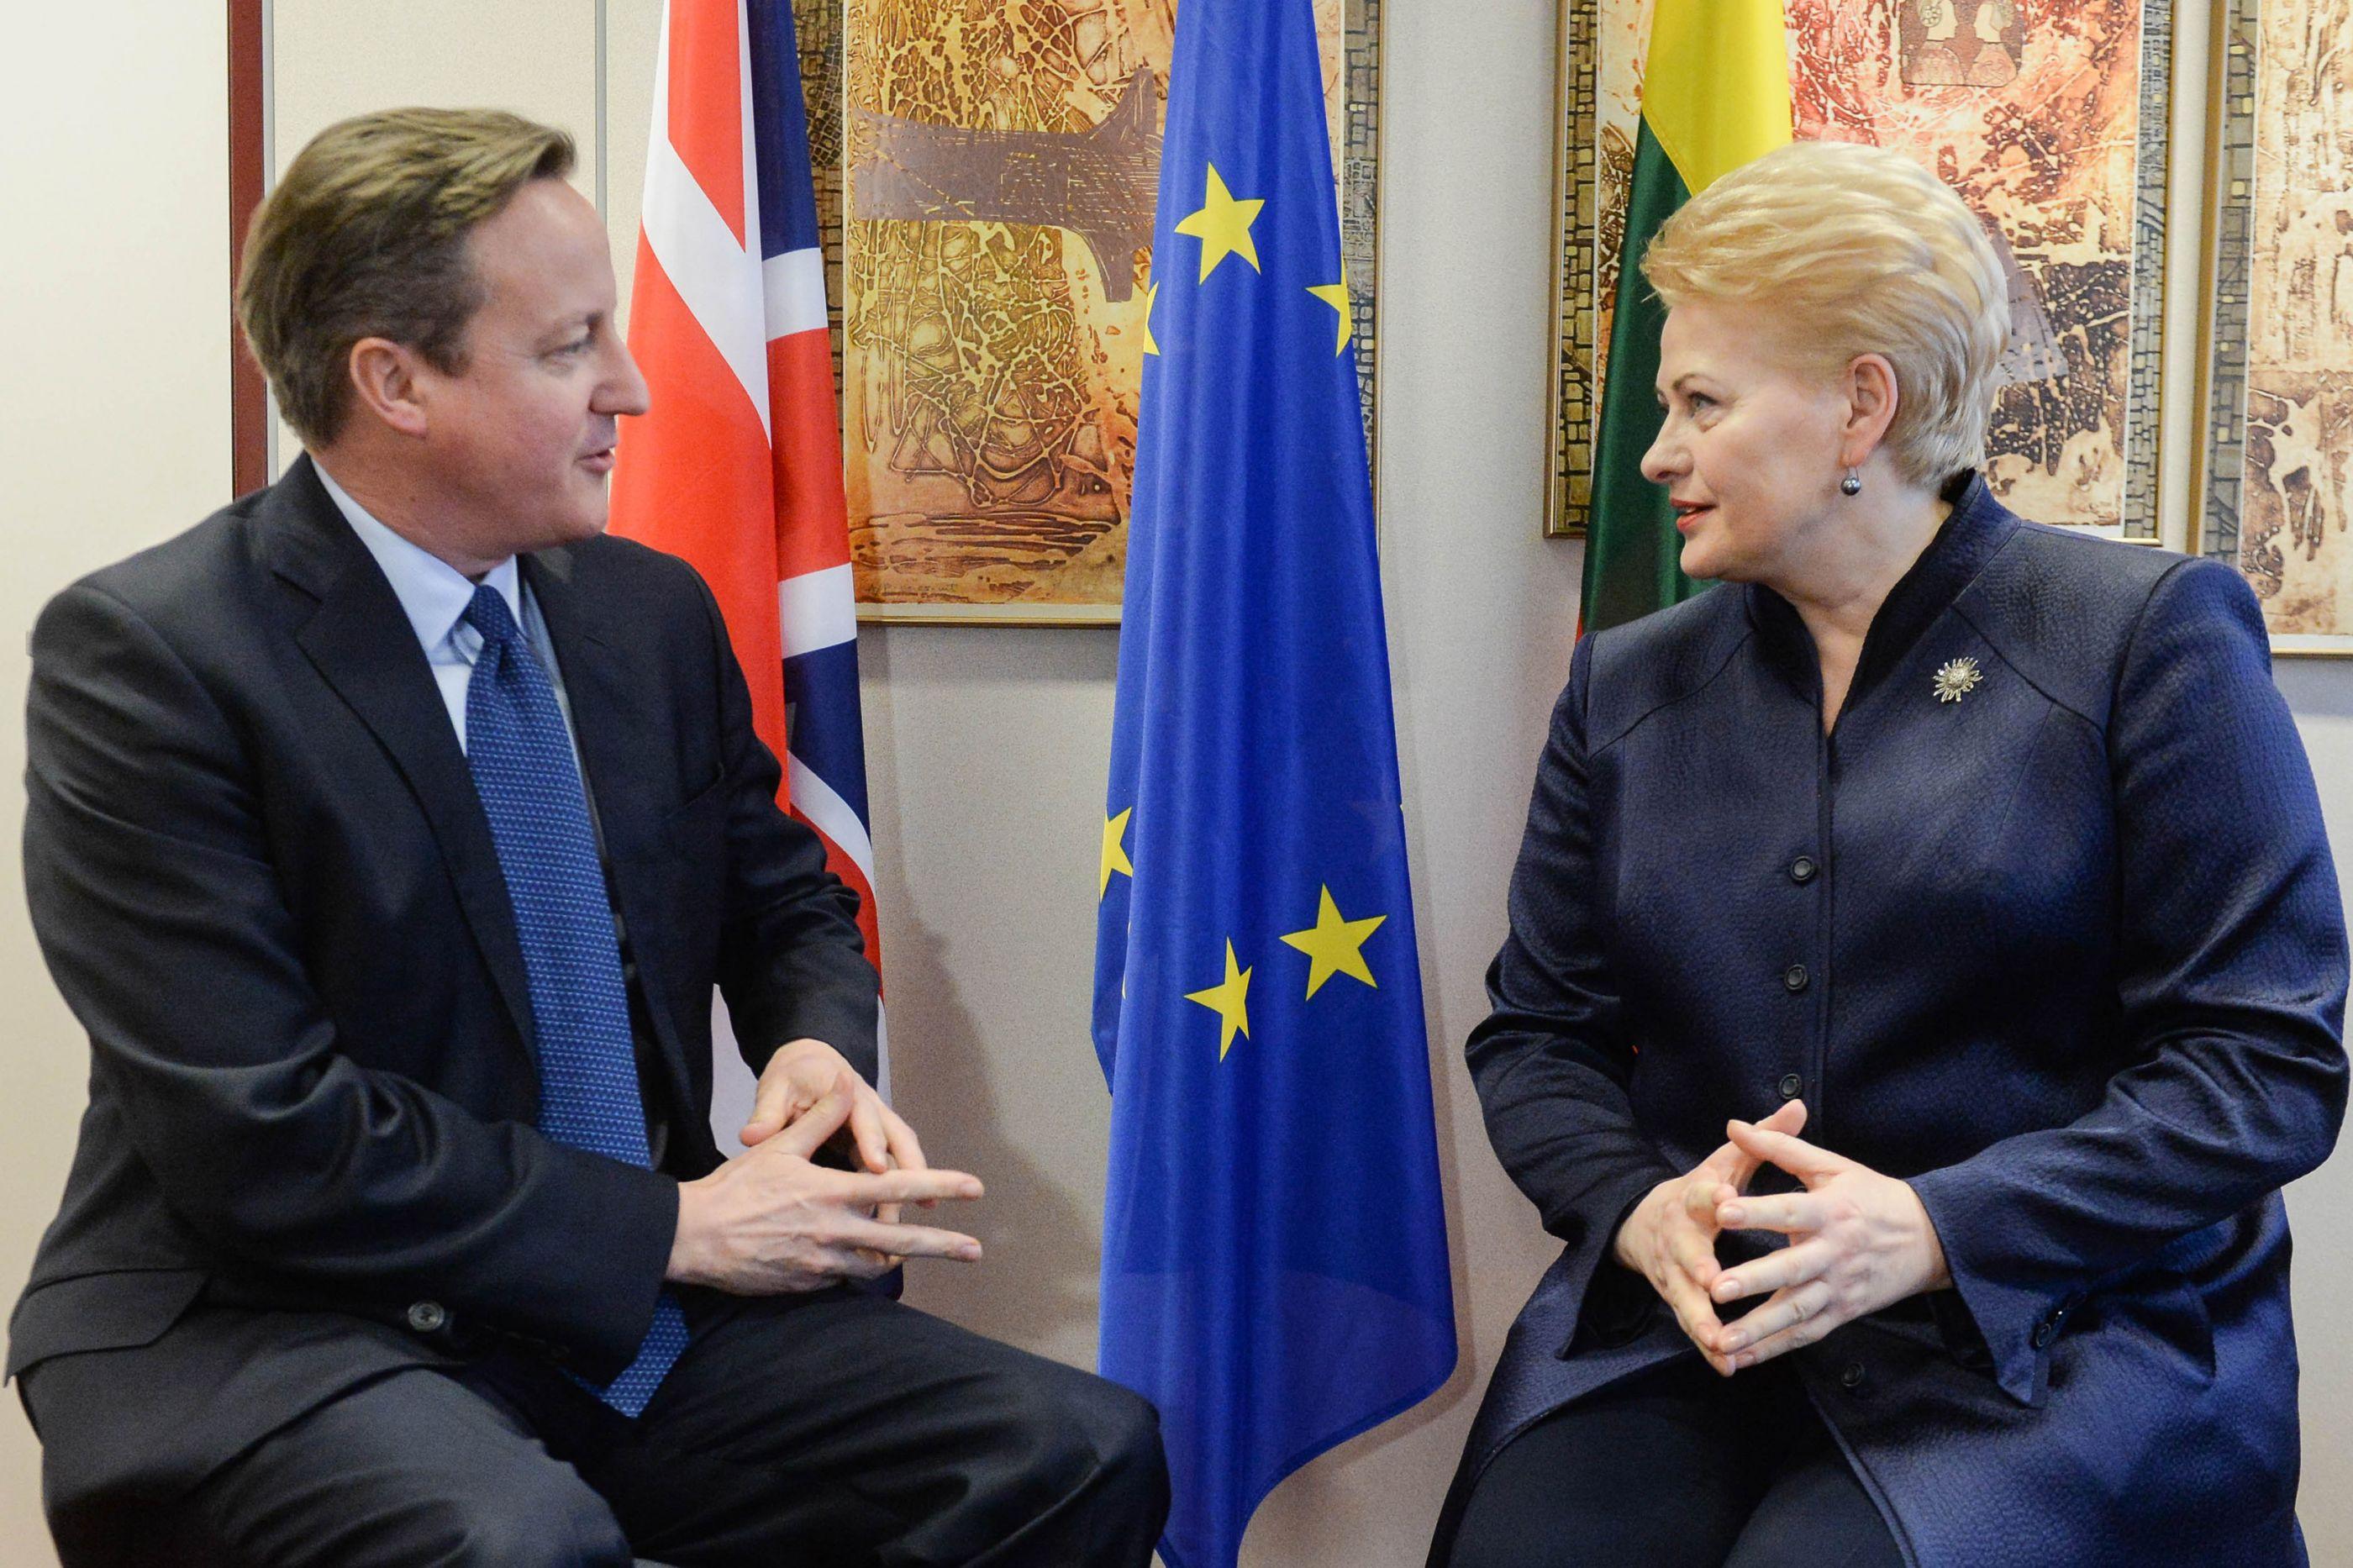 União Europeia e Reino Unido chegam a acordo